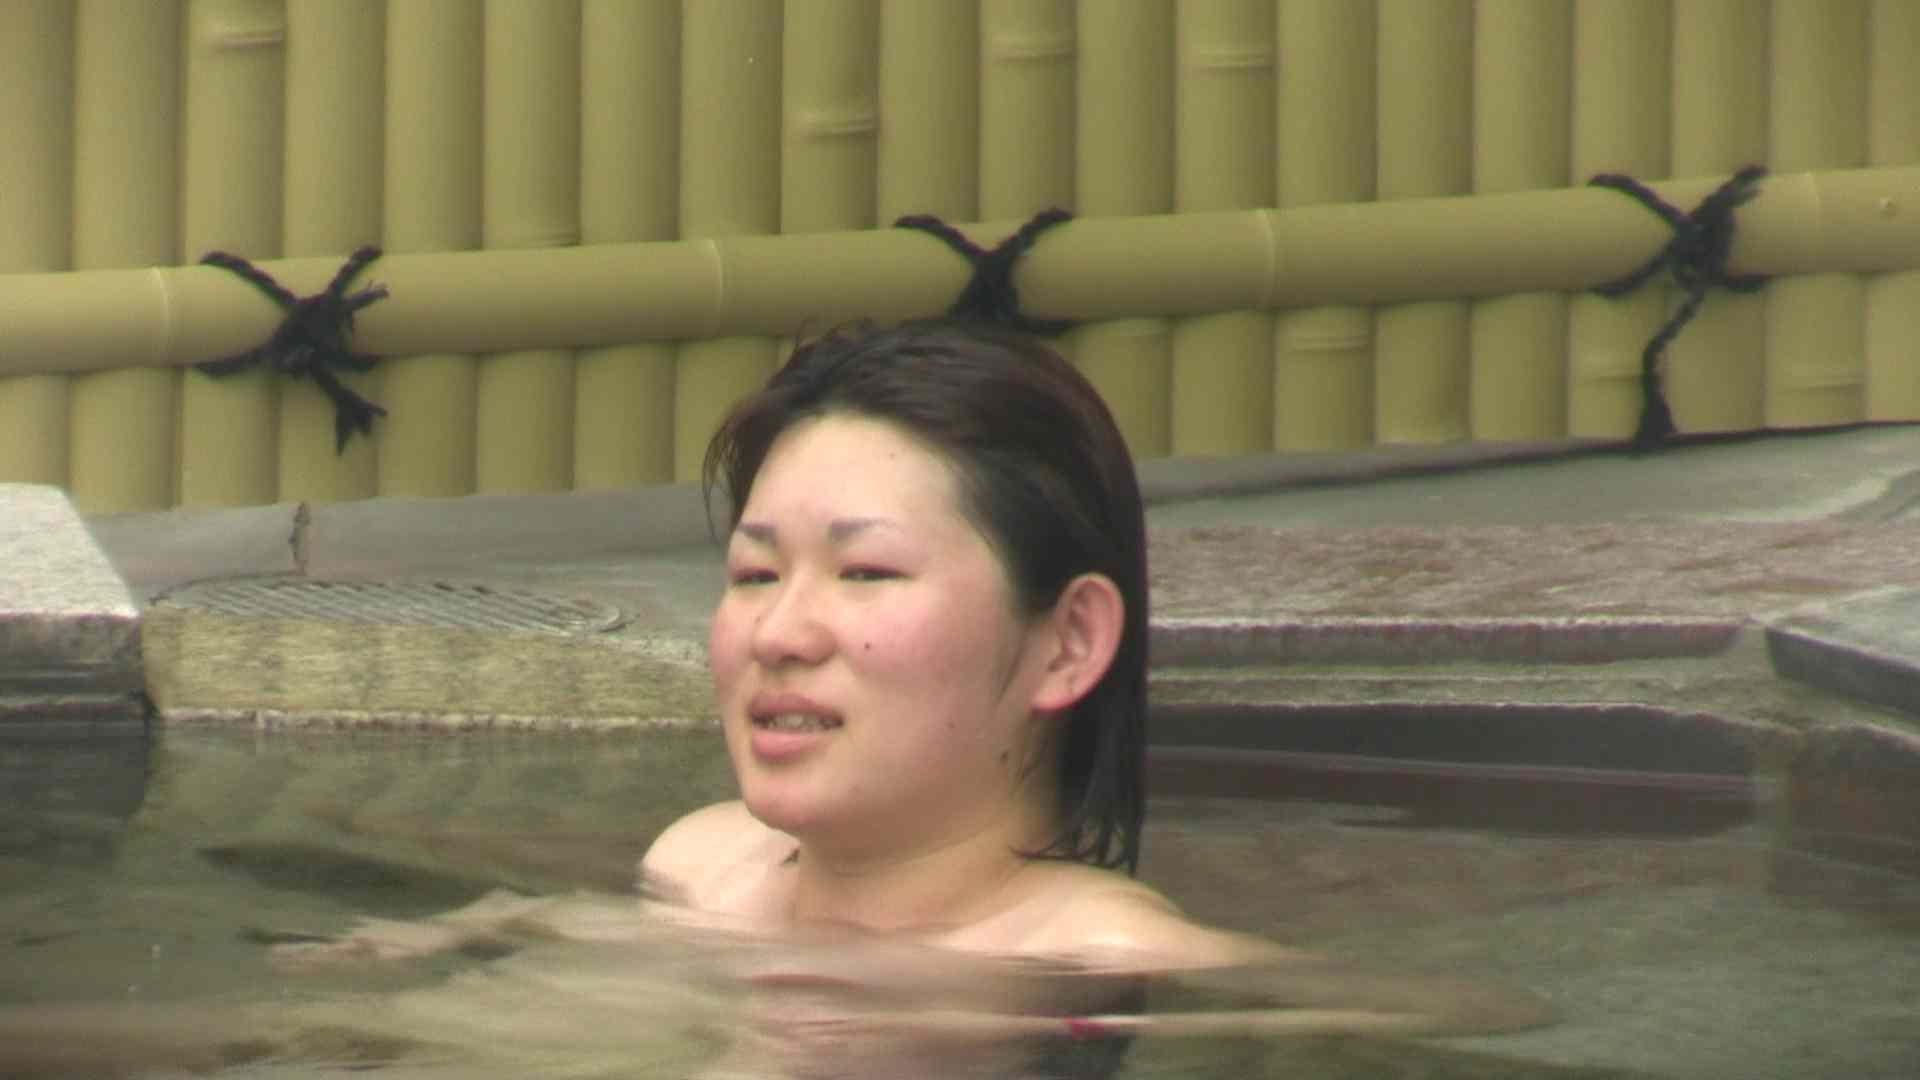 Aquaな露天風呂Vol.673 露天 盗み撮り動画キャプチャ 104PICs 53